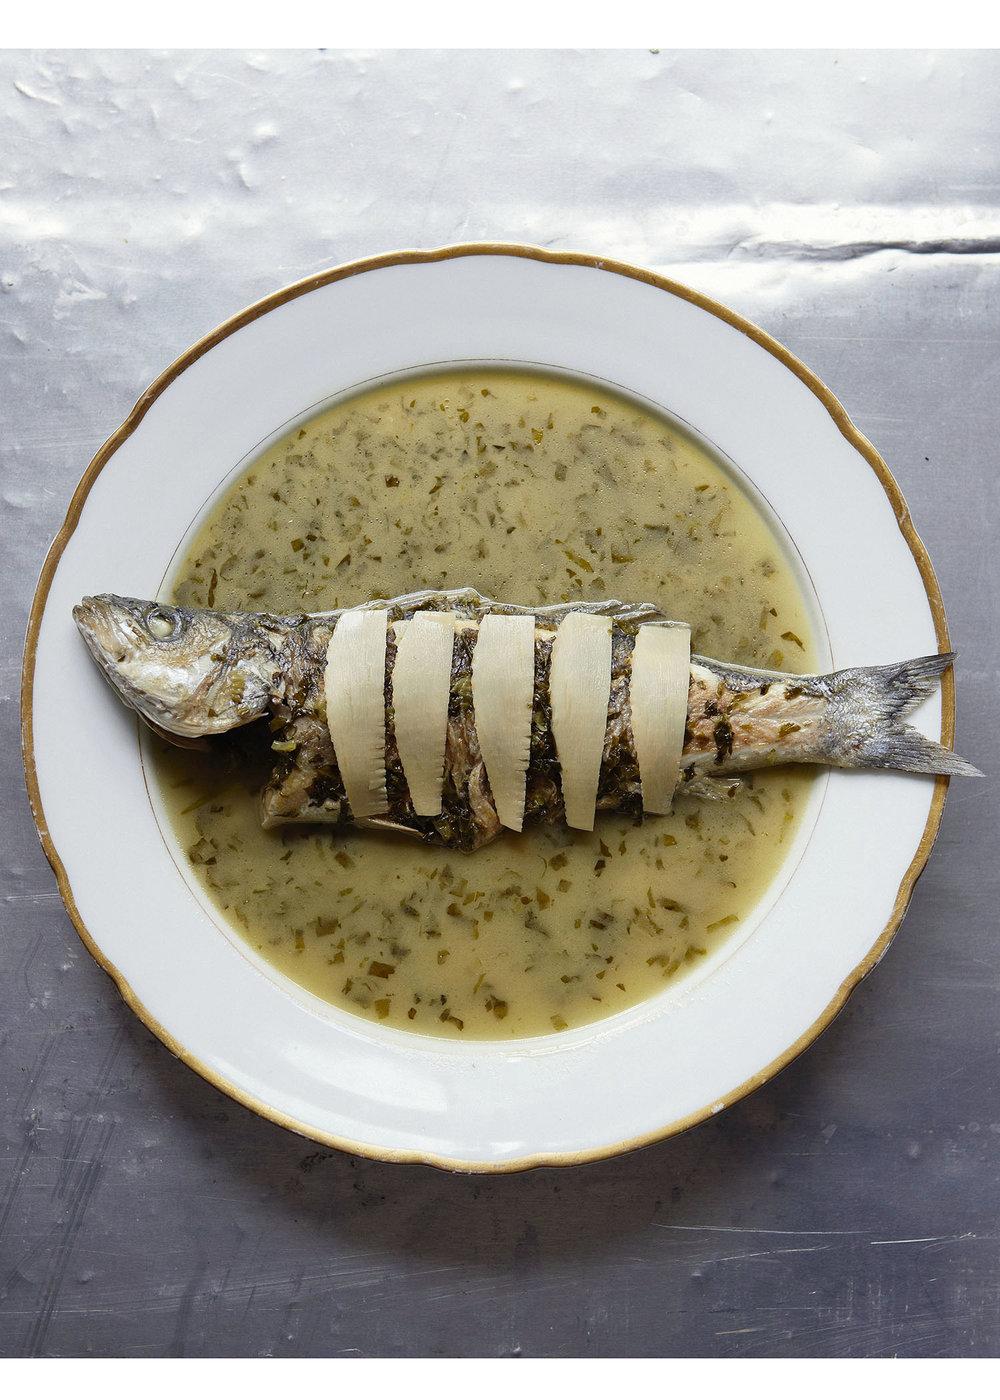 ningbo soupy fish_016.jpg